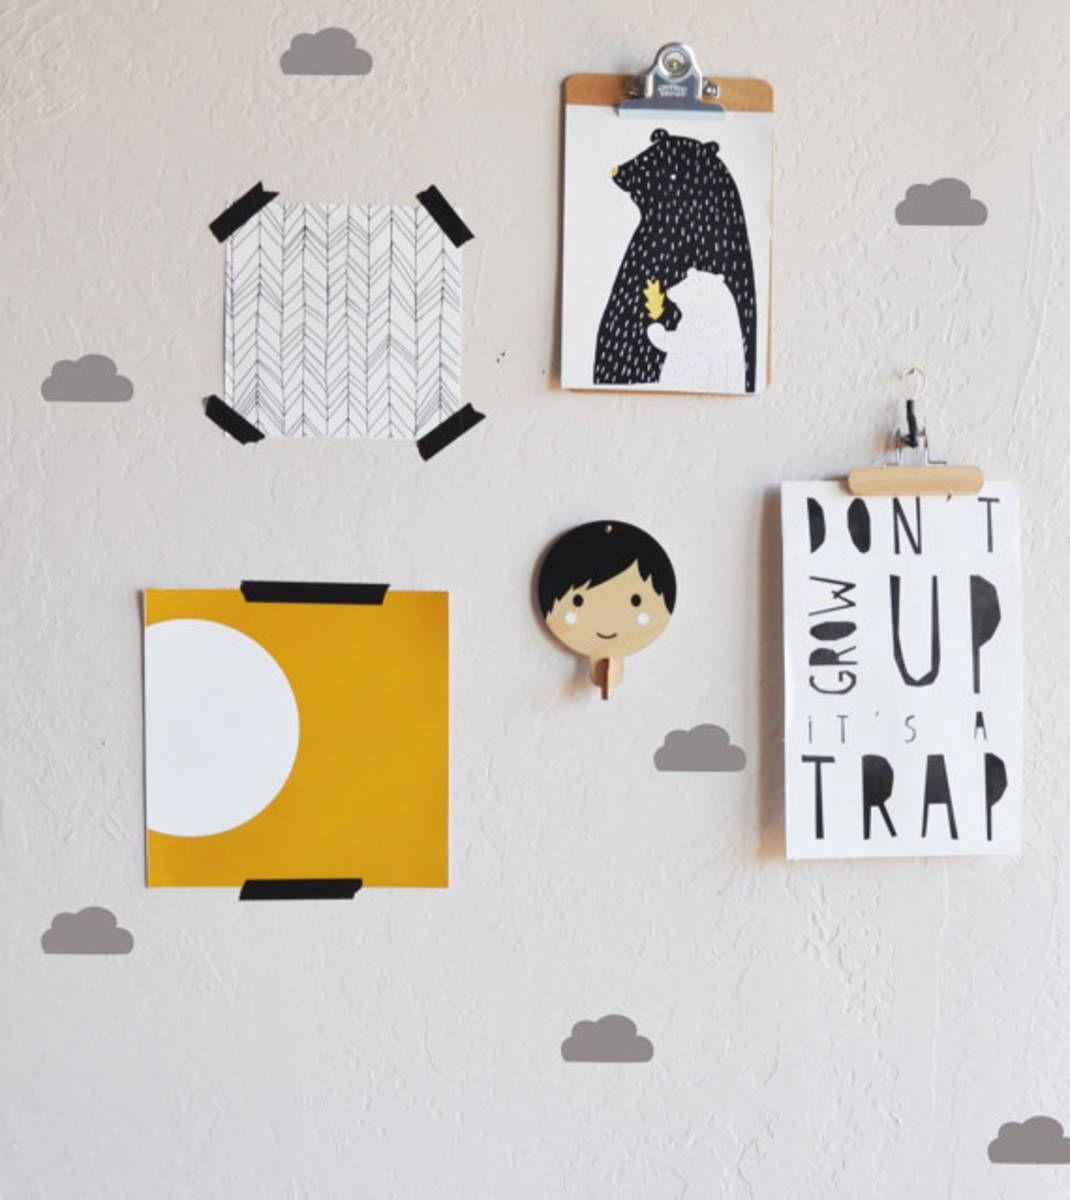 adesivos nuvens decorativos para parede 5x2,5cm 100 unidades - decoração fmldecor